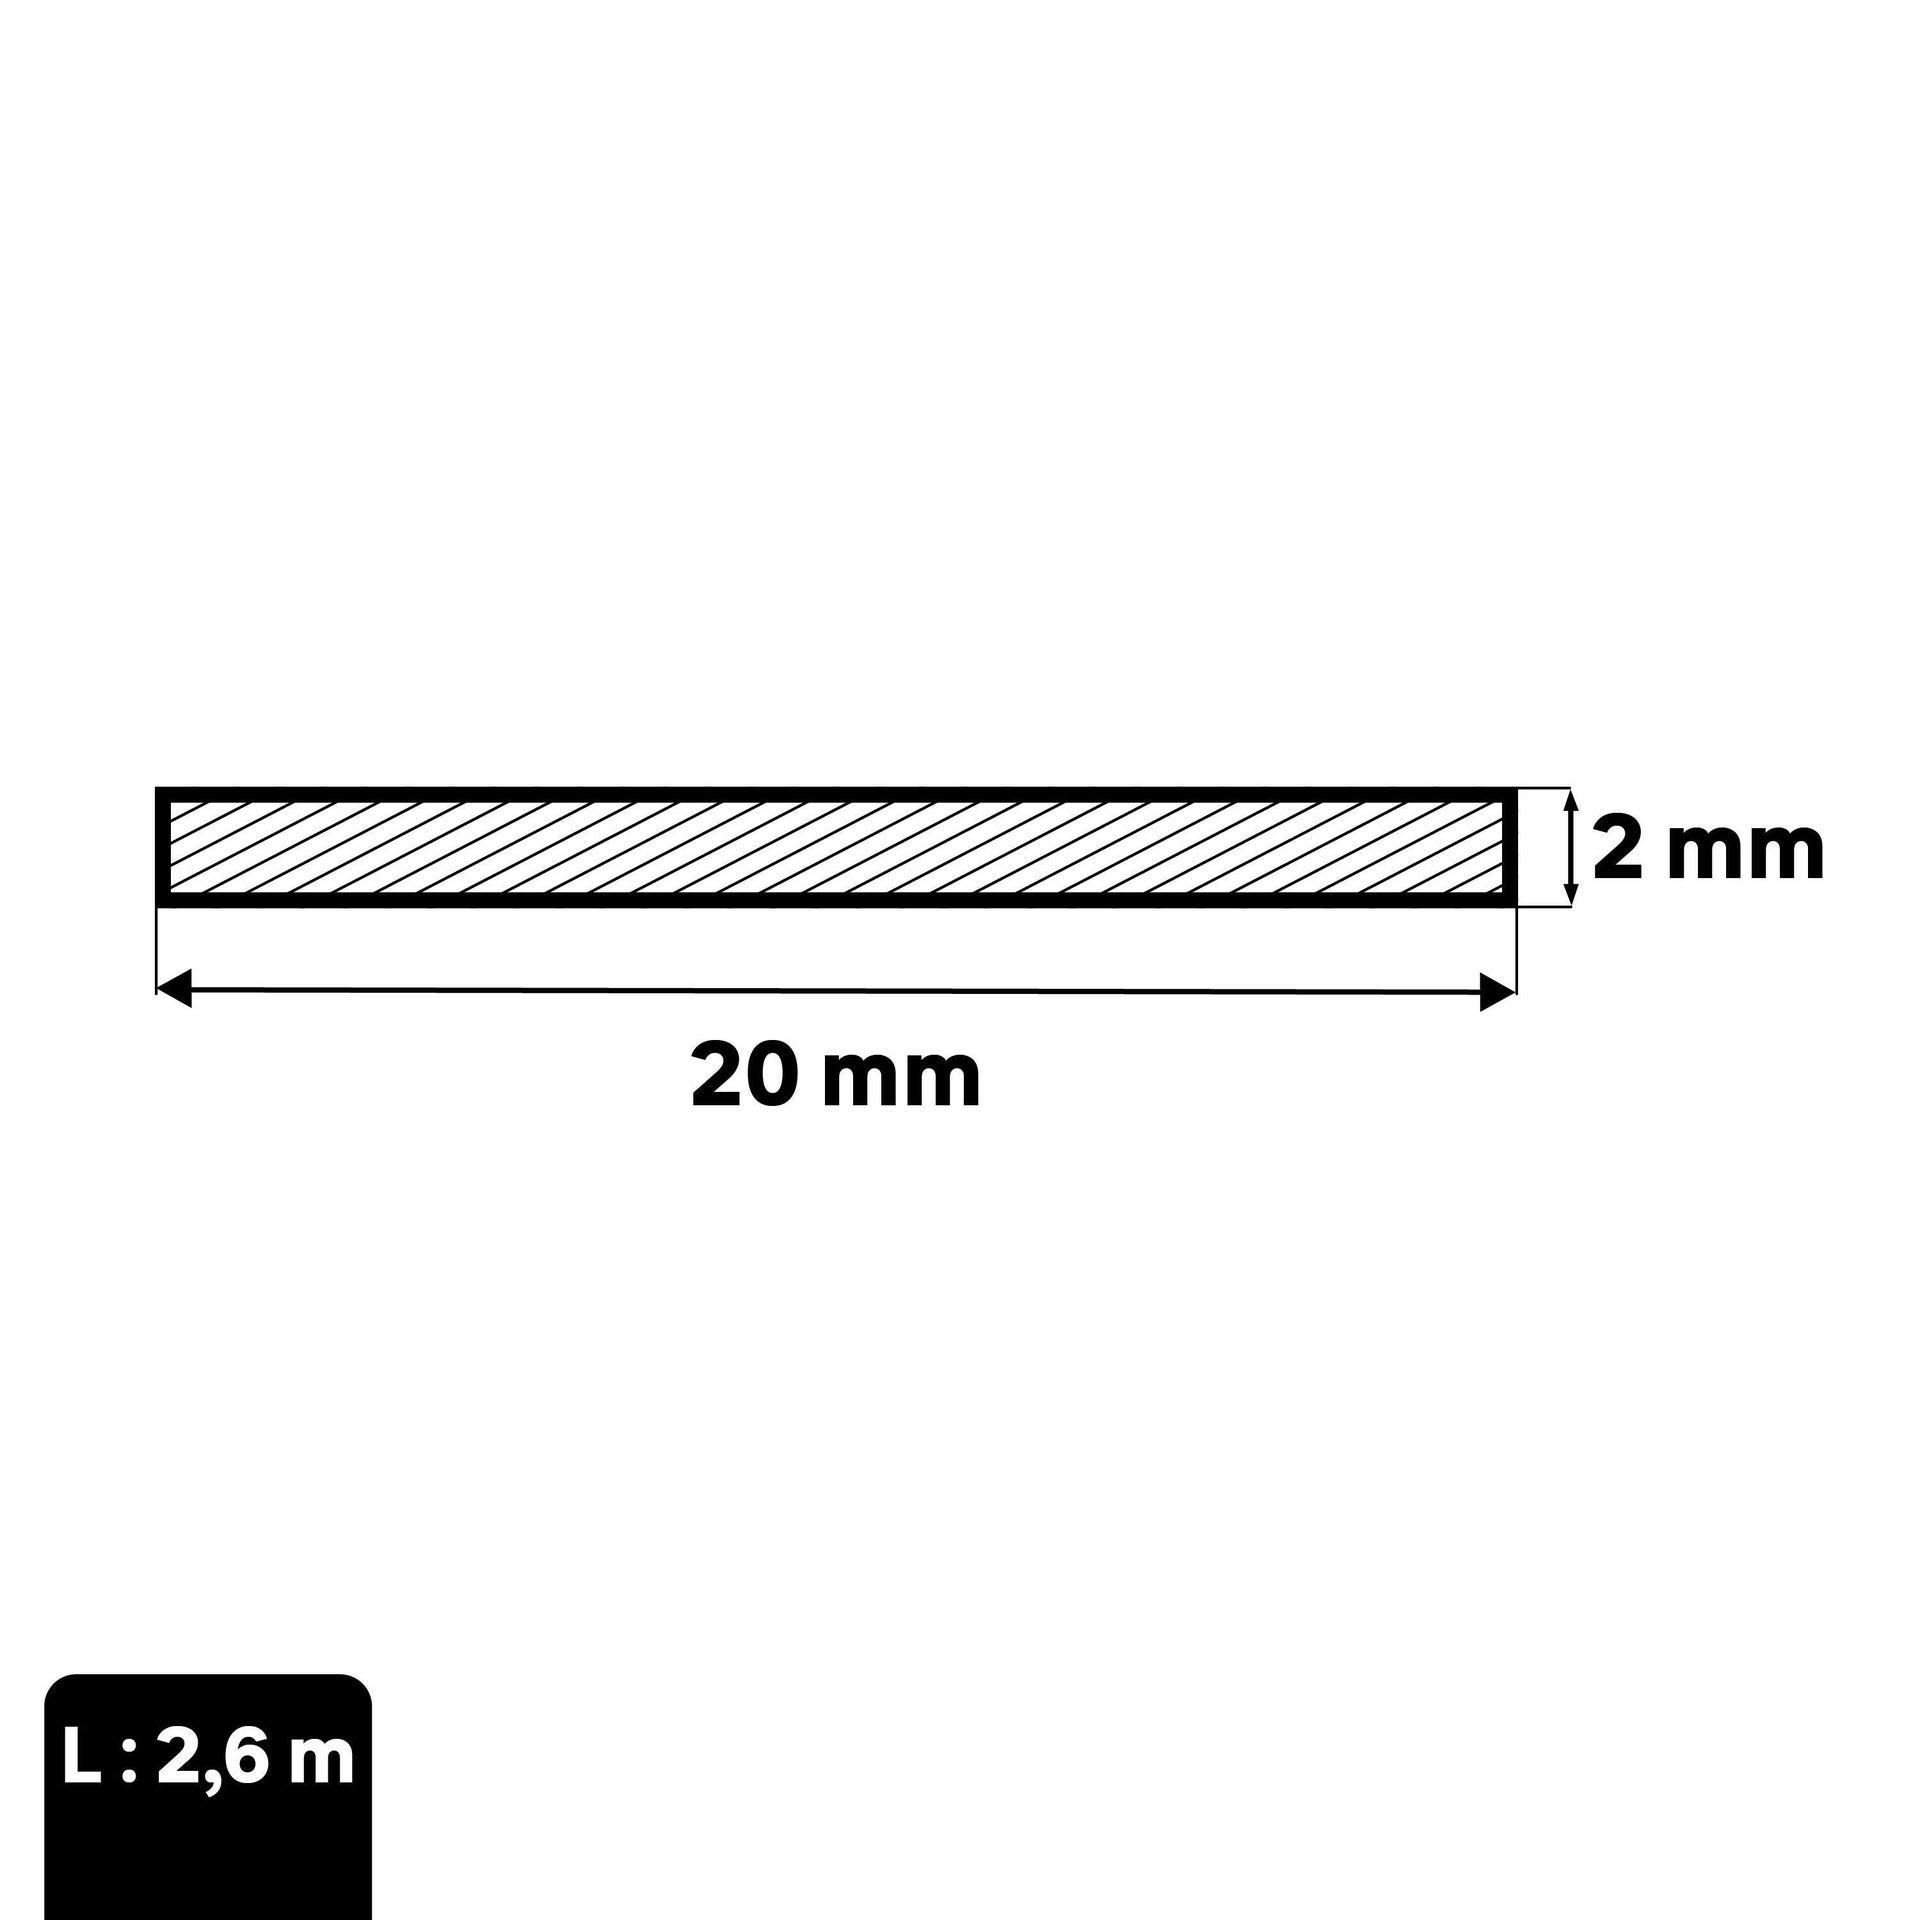 Profilo piatto STANDERS in alluminio 2.6 m x 2 cm grigio - 2